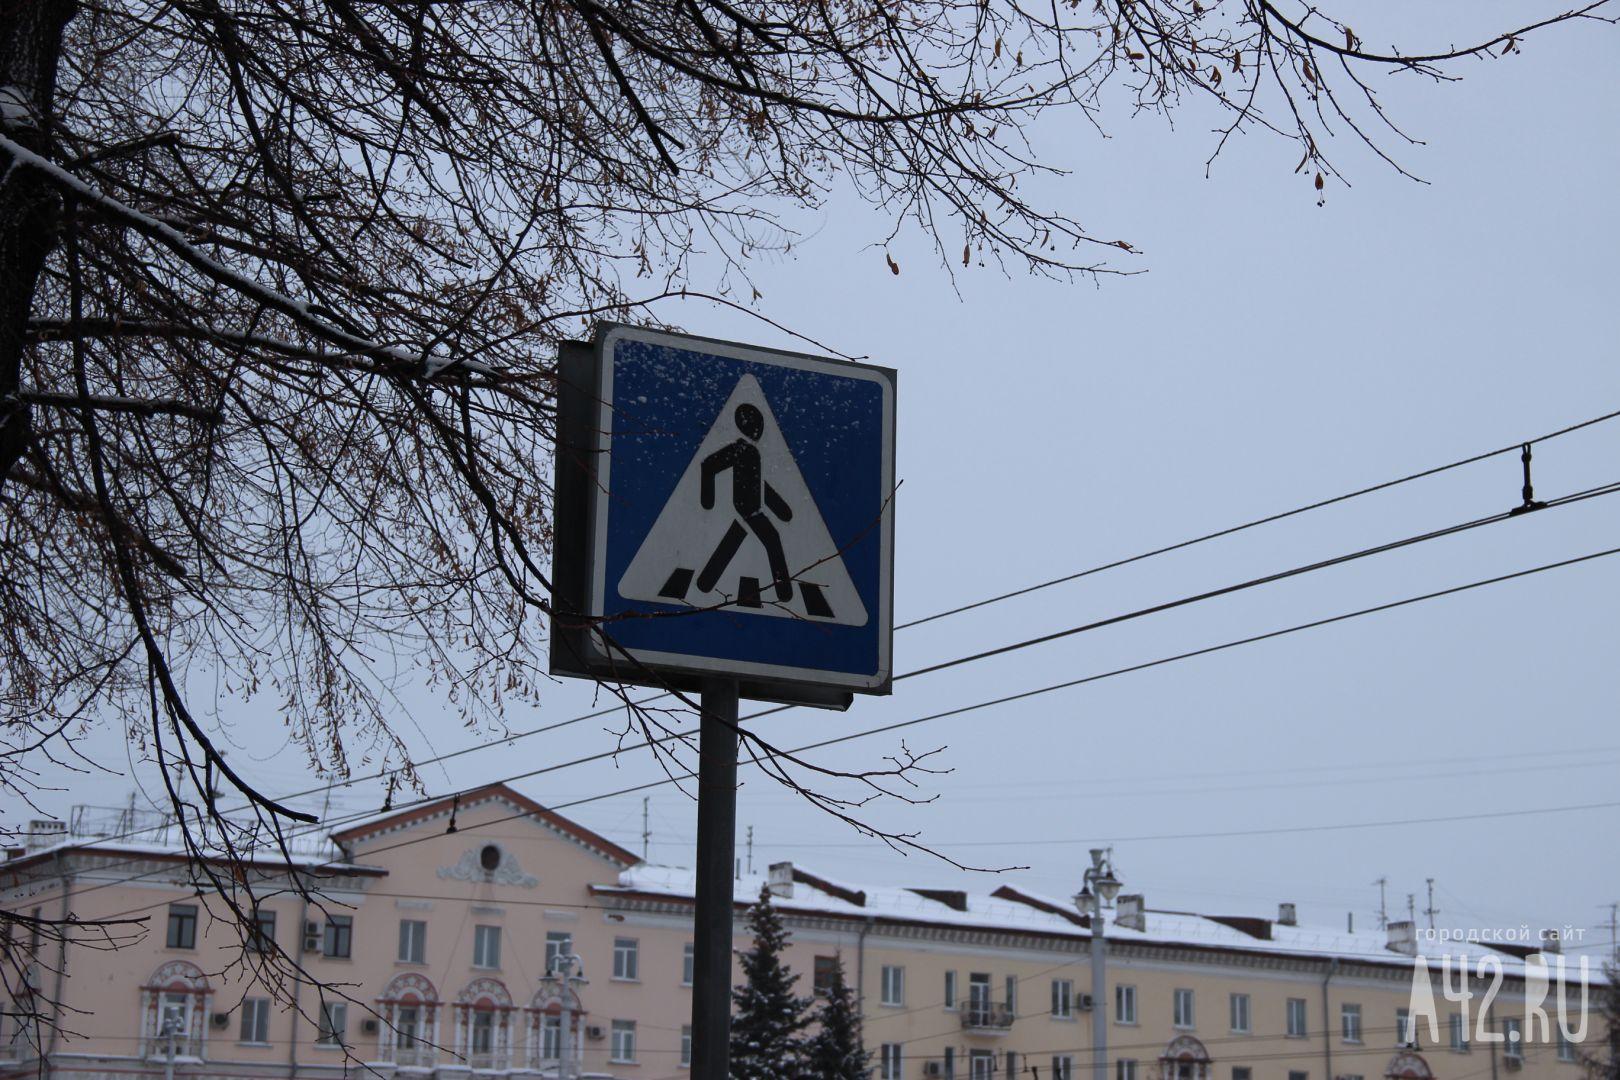 ВКузбассе иностранная машина сбила девочку напешеходном переходе